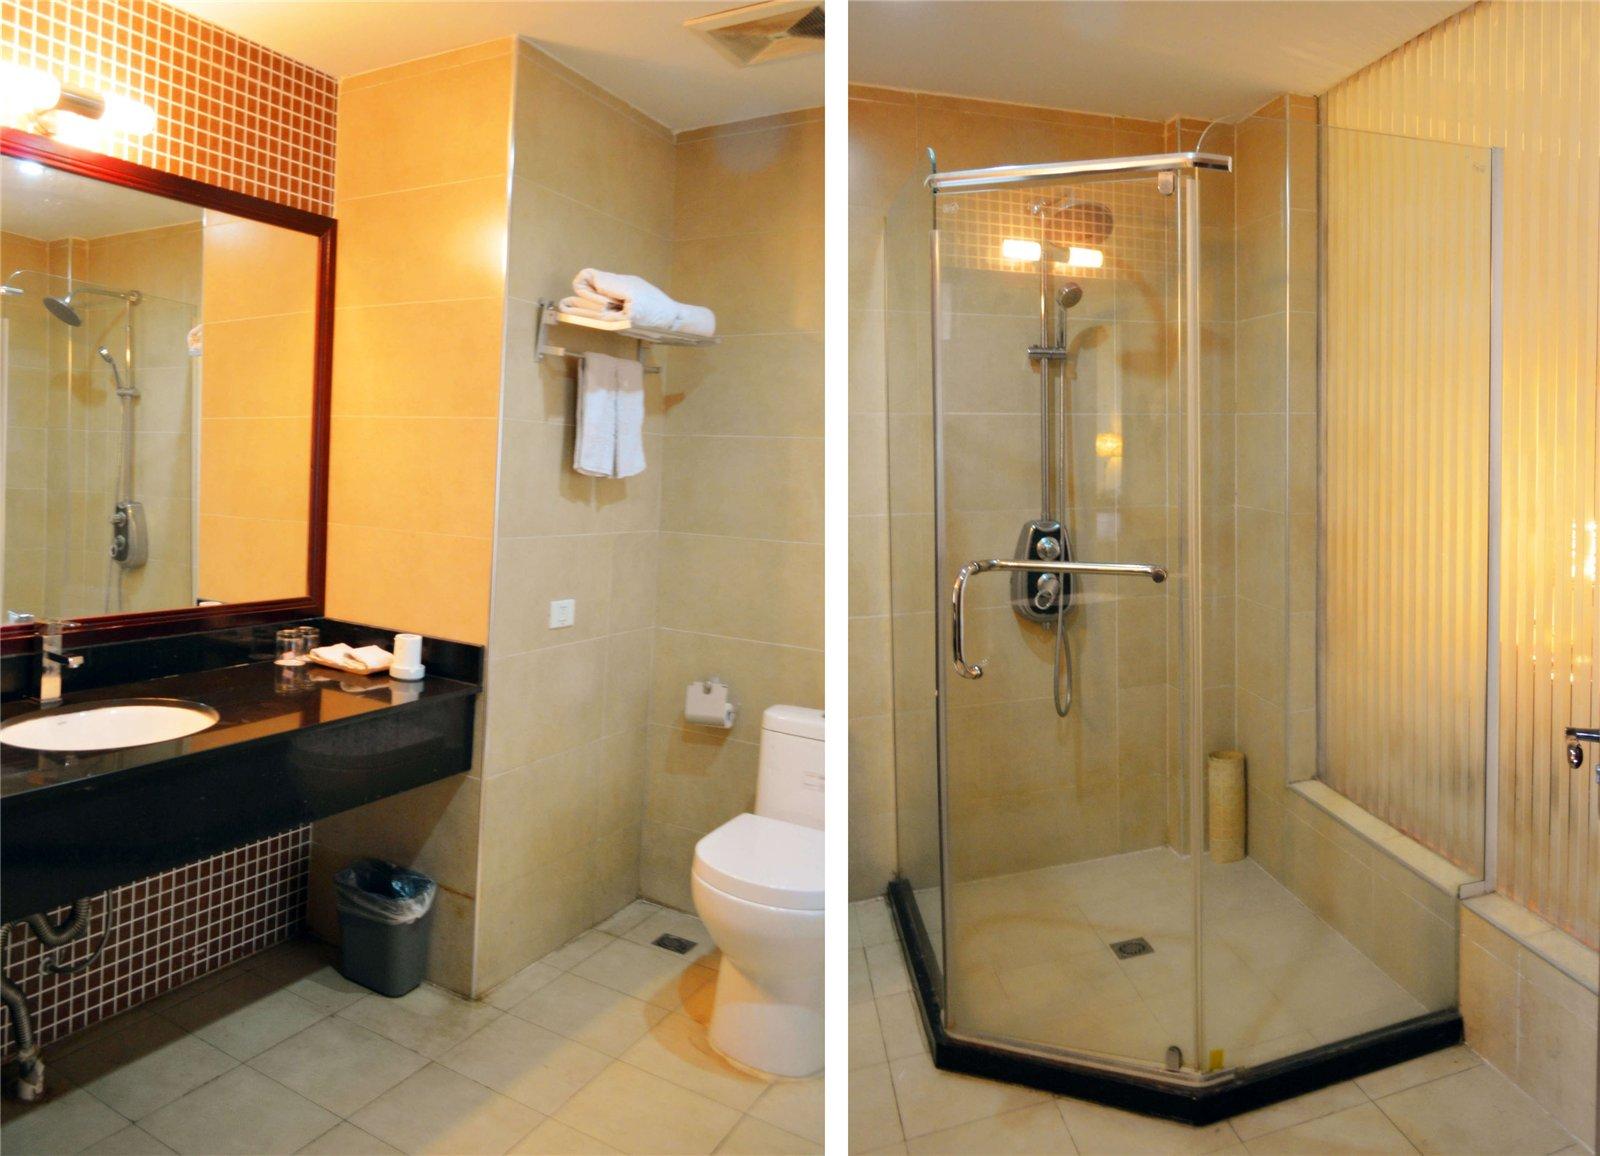 厕所 家居 设计 卫生间 卫生间装修 装修 1600_1156